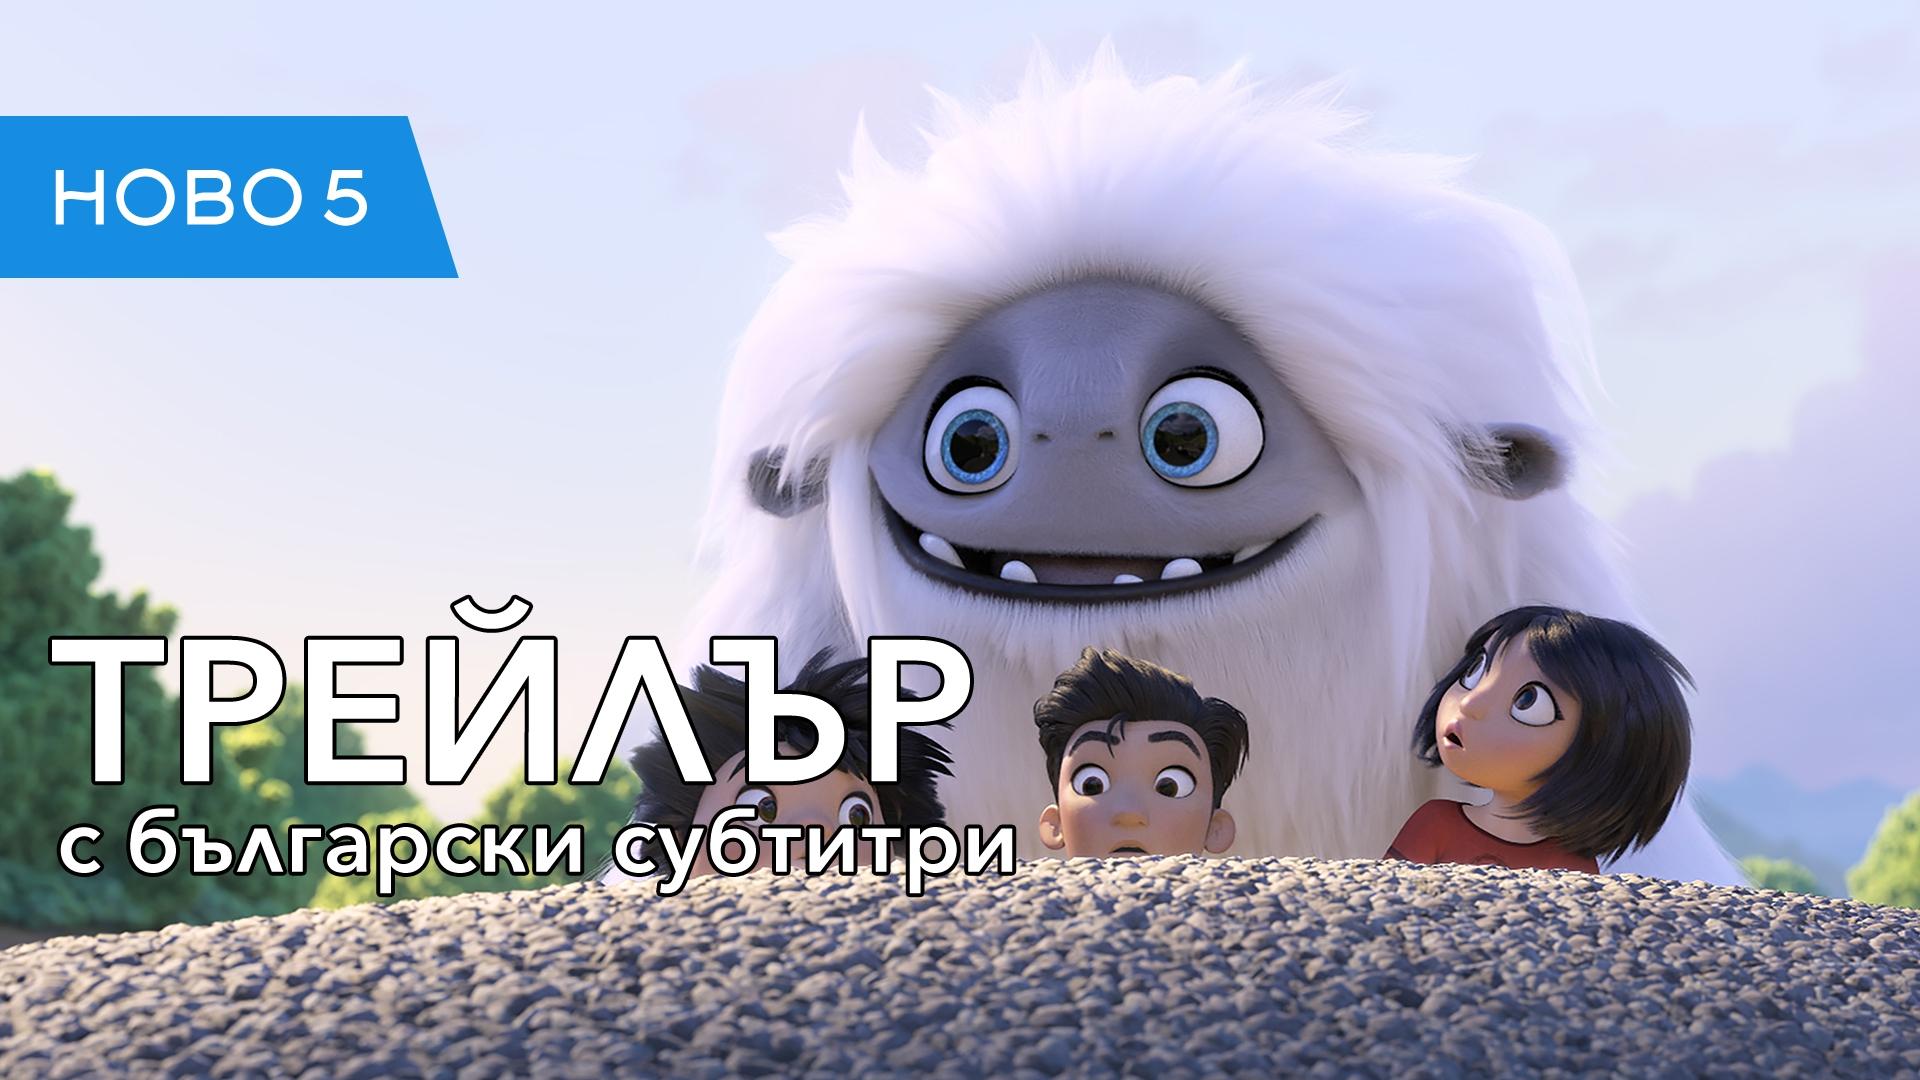 Загубеният йети (2019) трейлър на български език